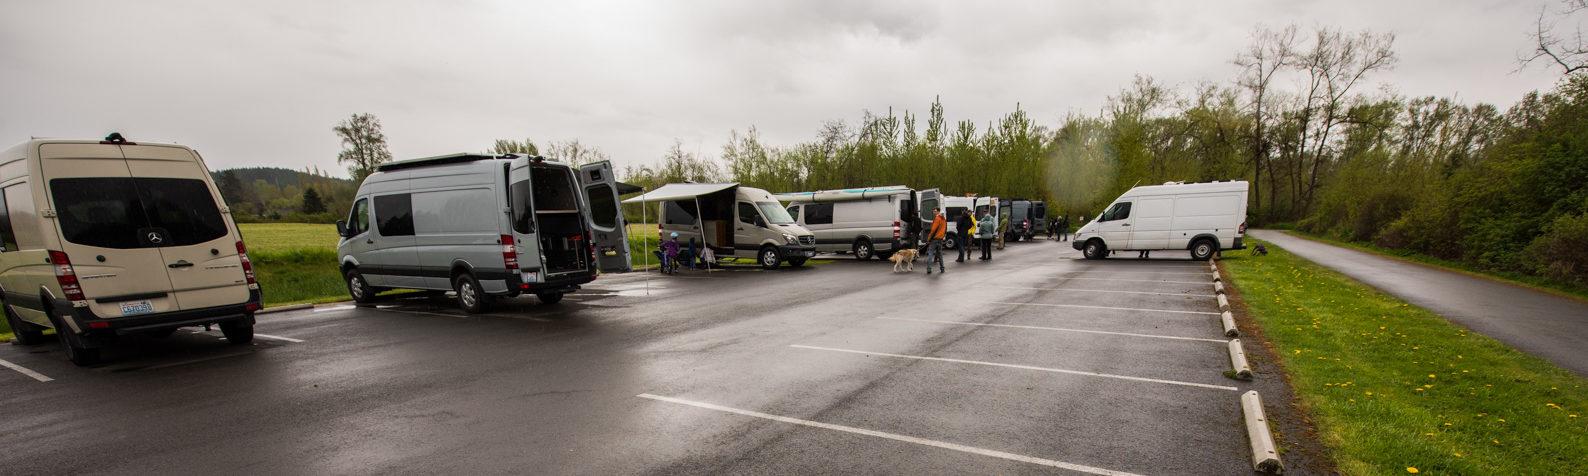 Sprinter vans in the Tolt MacDonald parking lot